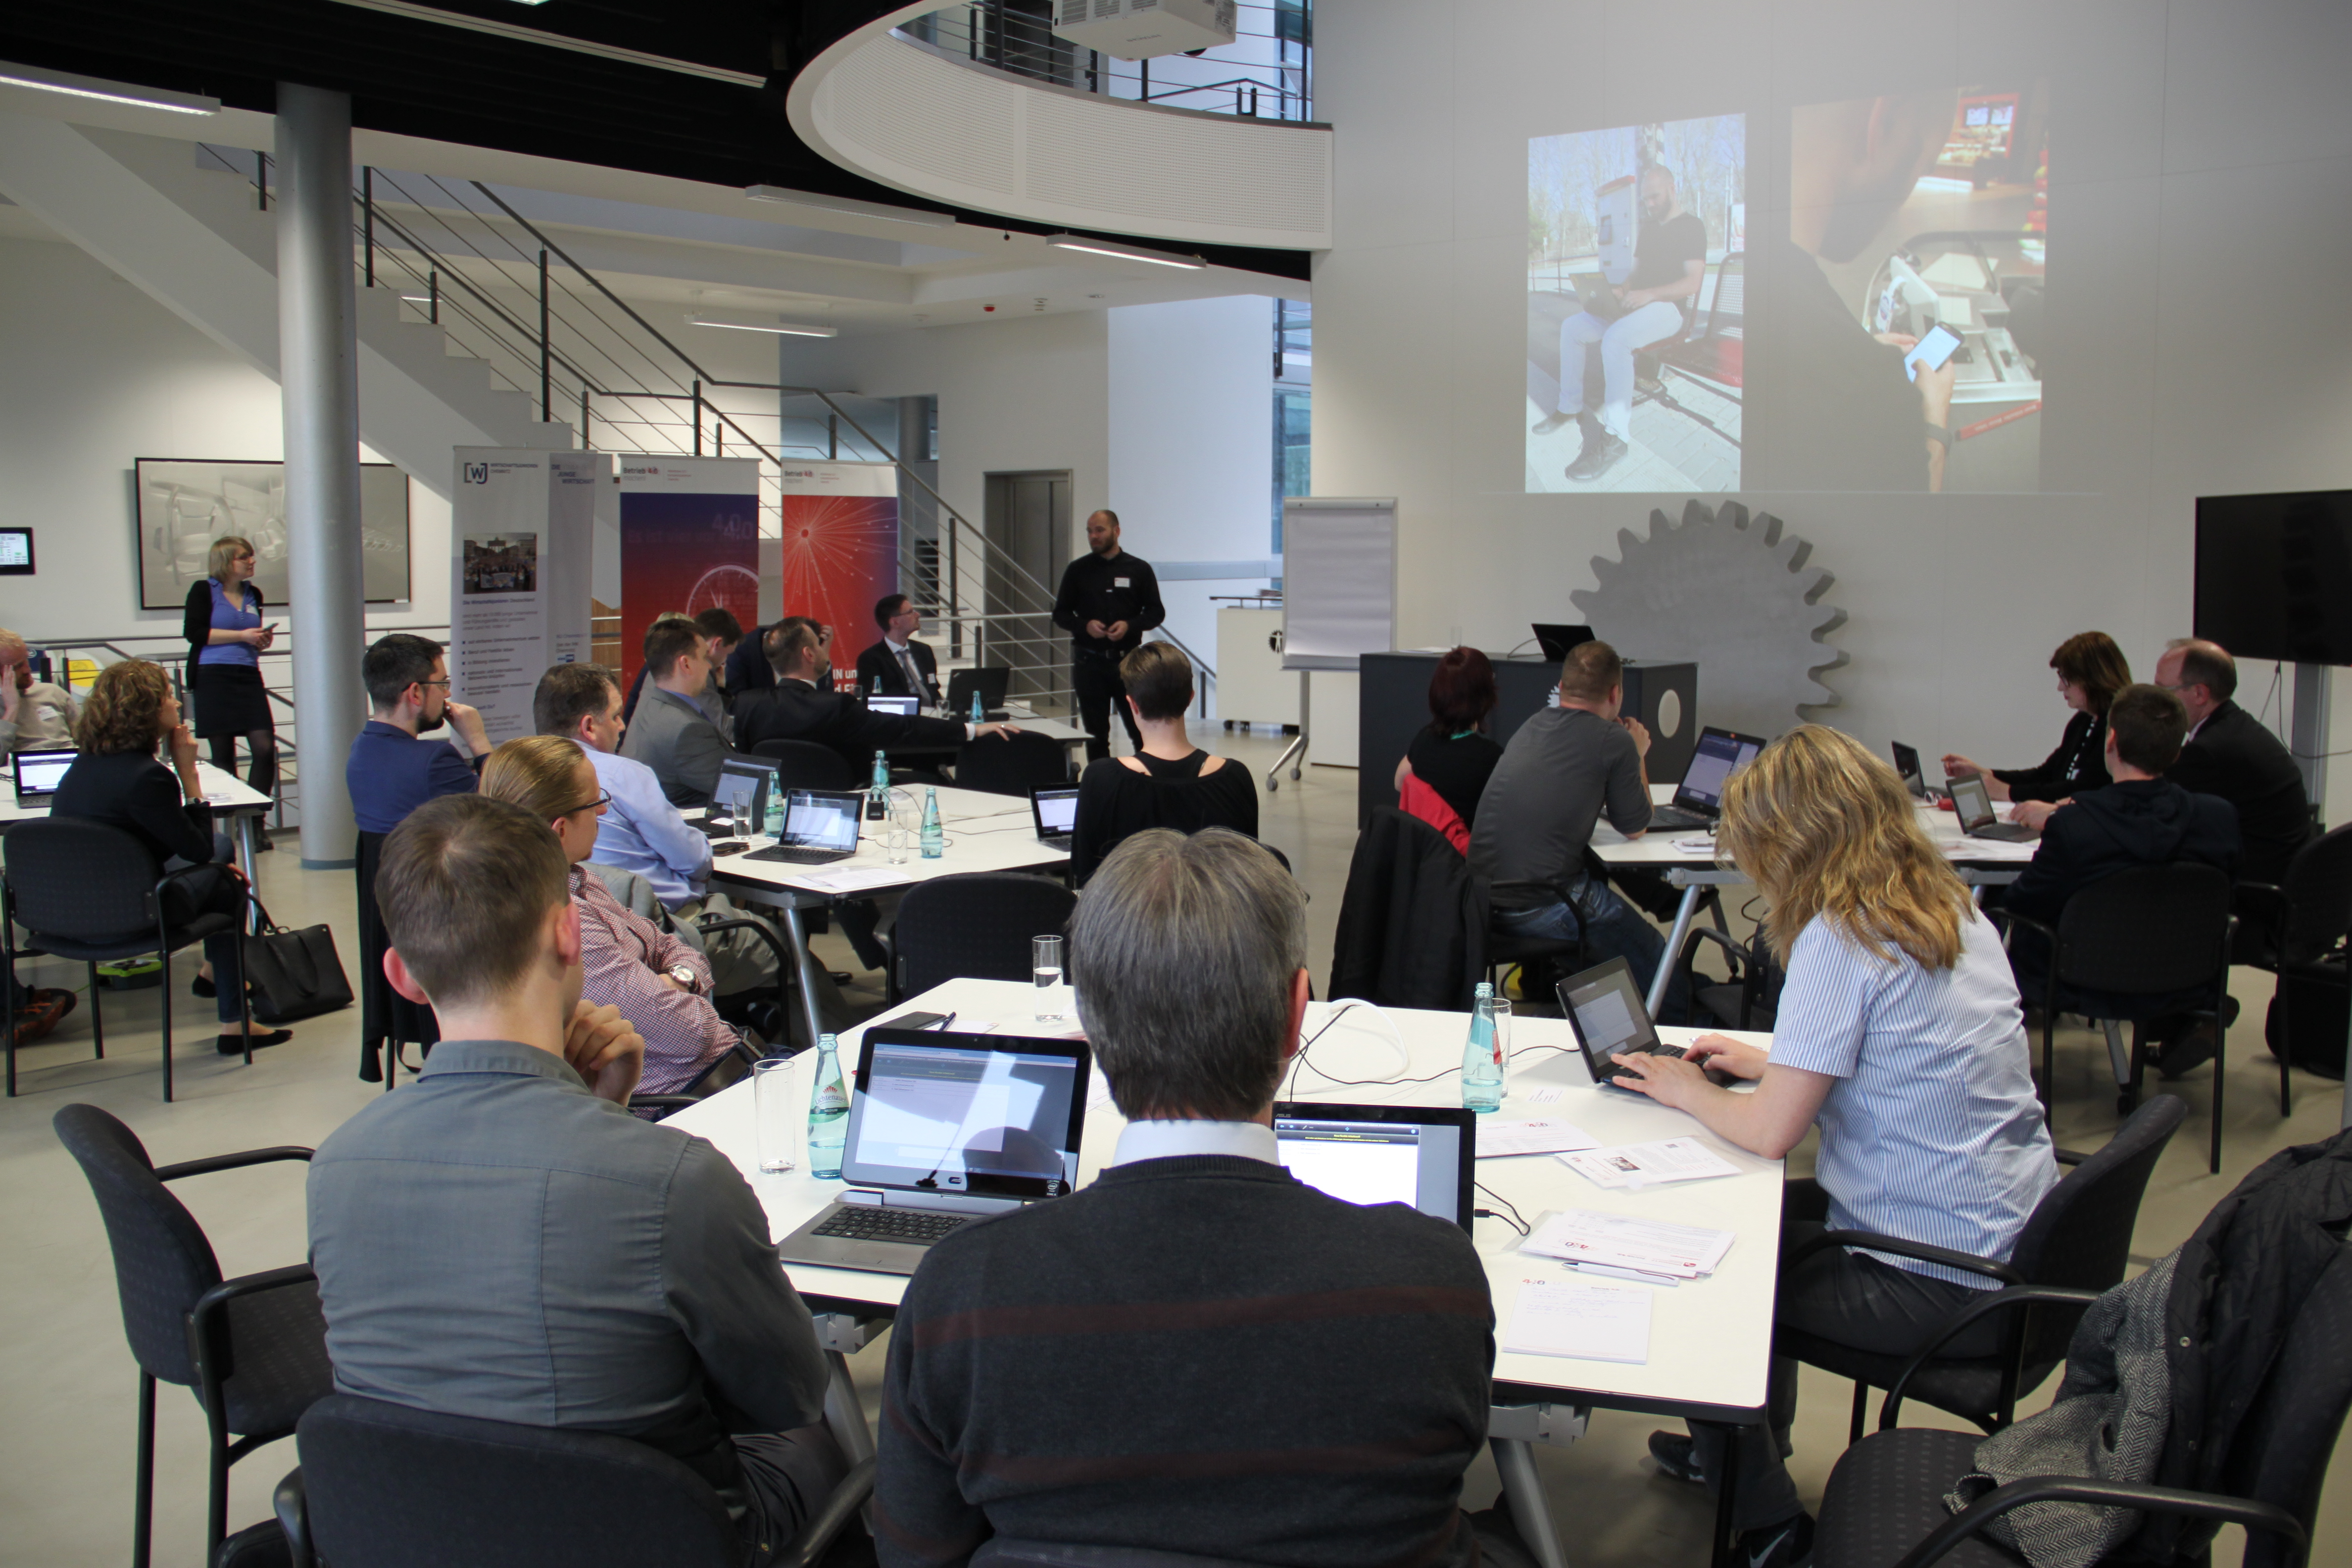 Projektmitarbeiter Michael Wächter berichtet über den Alltag eines Digital Native. || © TU Chemnitz, Tim Jungmittag